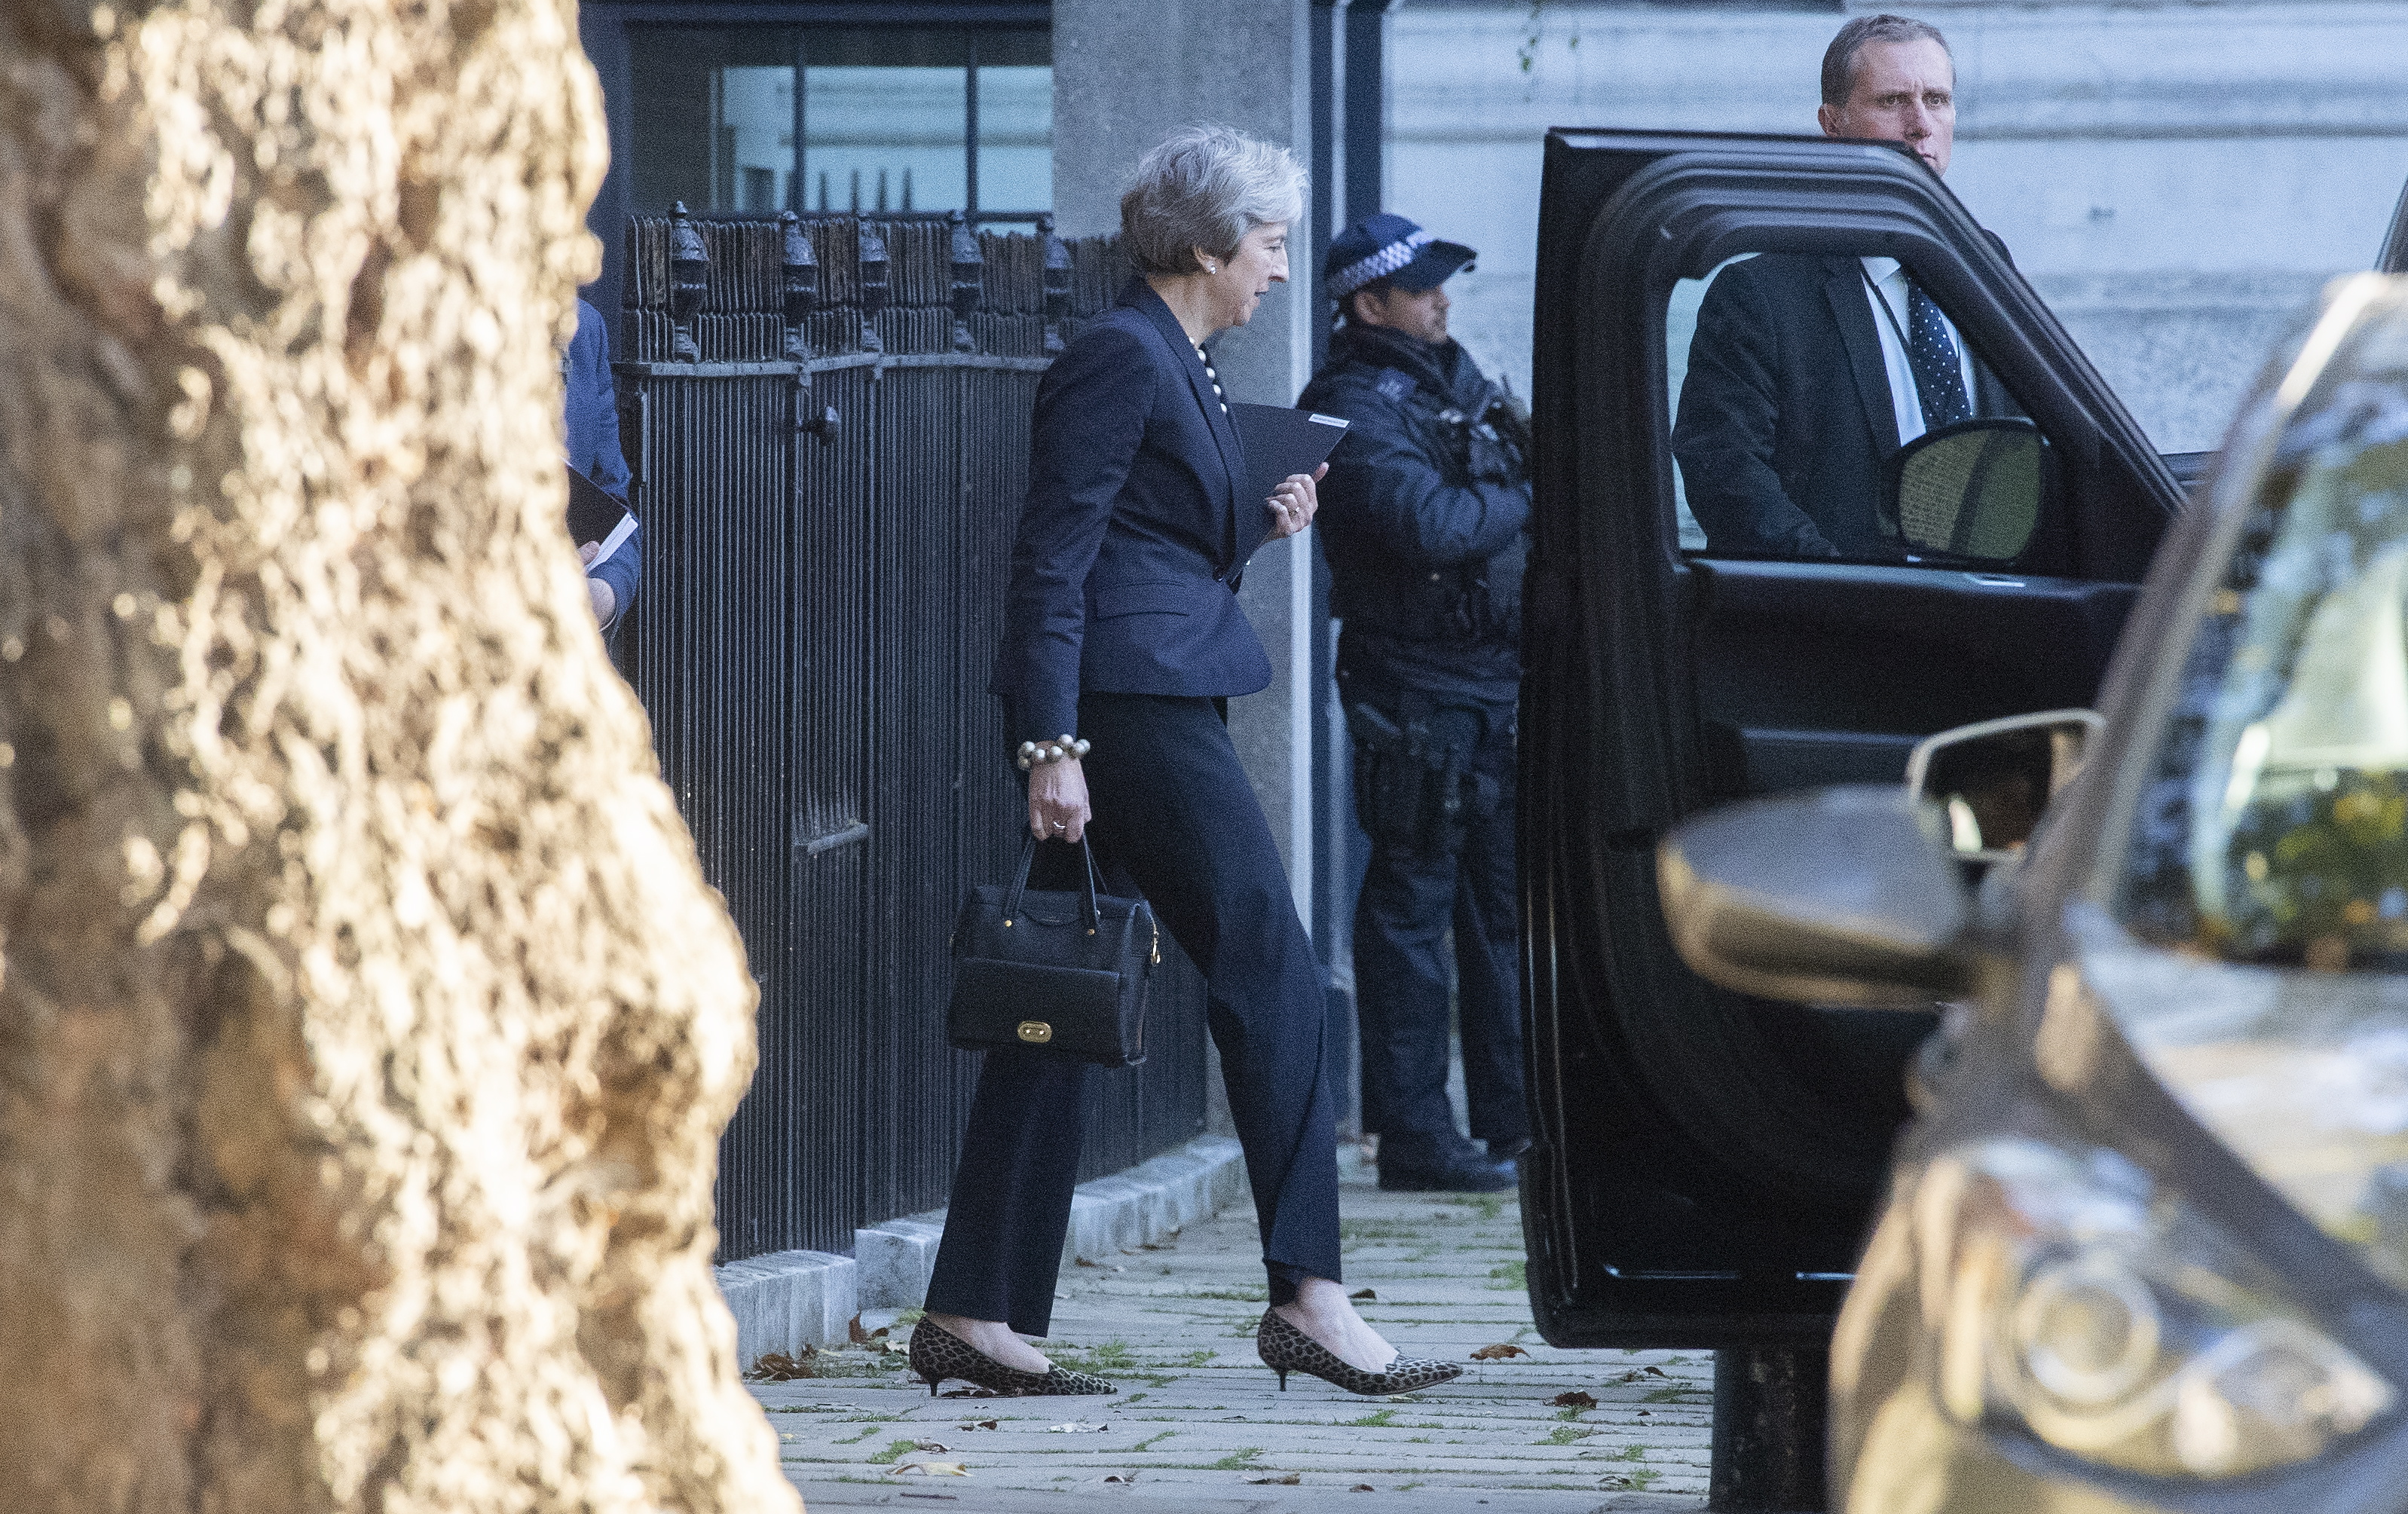 Kritičari poručili May da promijeni plan ili se suoči s porazom